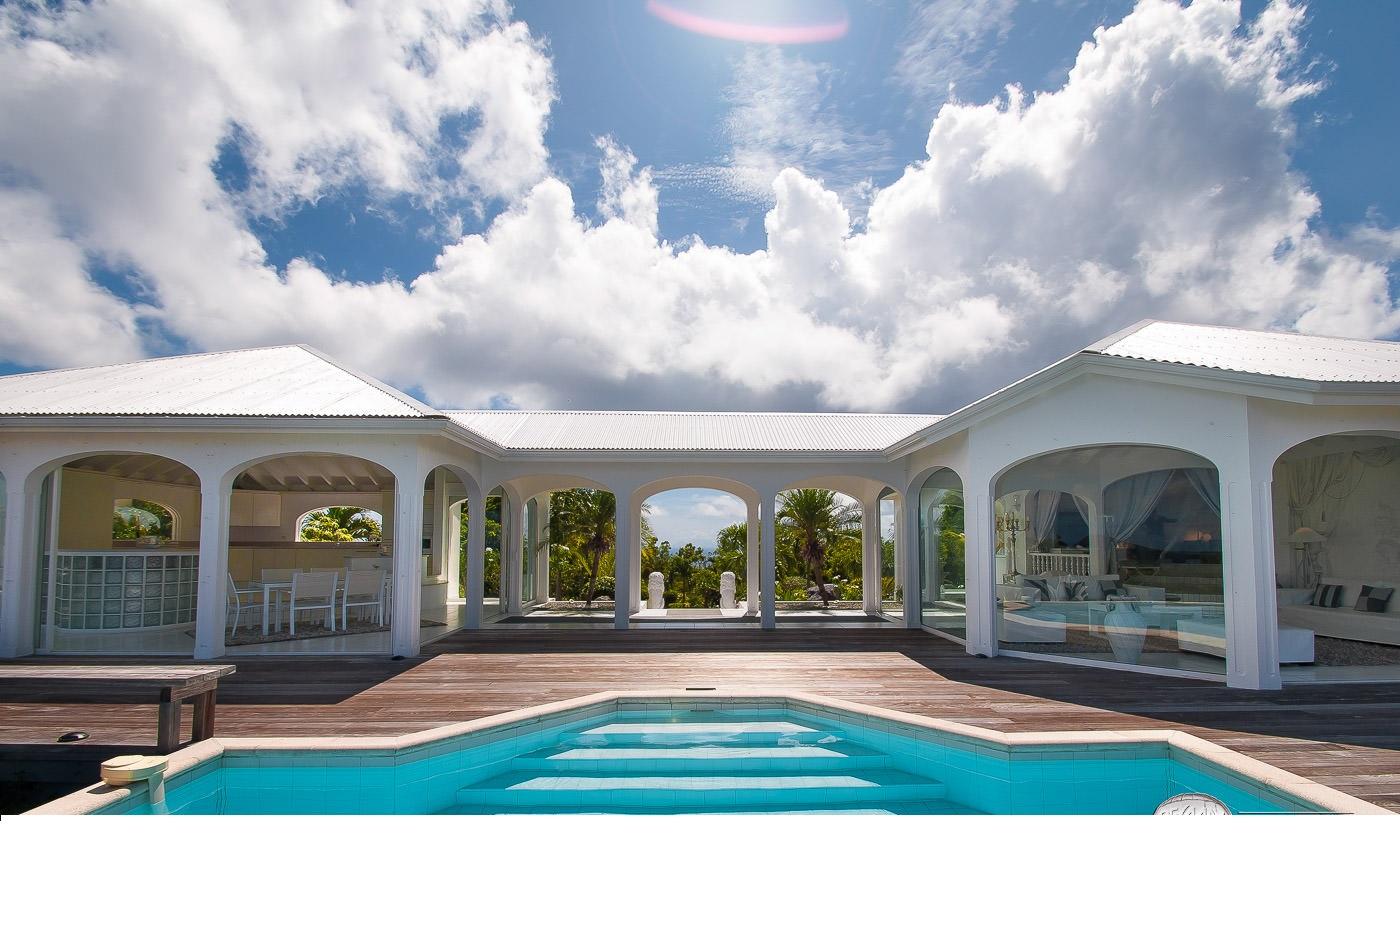 Location Vacances St Barthélémy - Villa De Luxe Avec Piscine Privée Et Vue  Mer À St Barth - Colombier - Caraibes - Antilles Françaises serapportantà Piscine Du Colombier